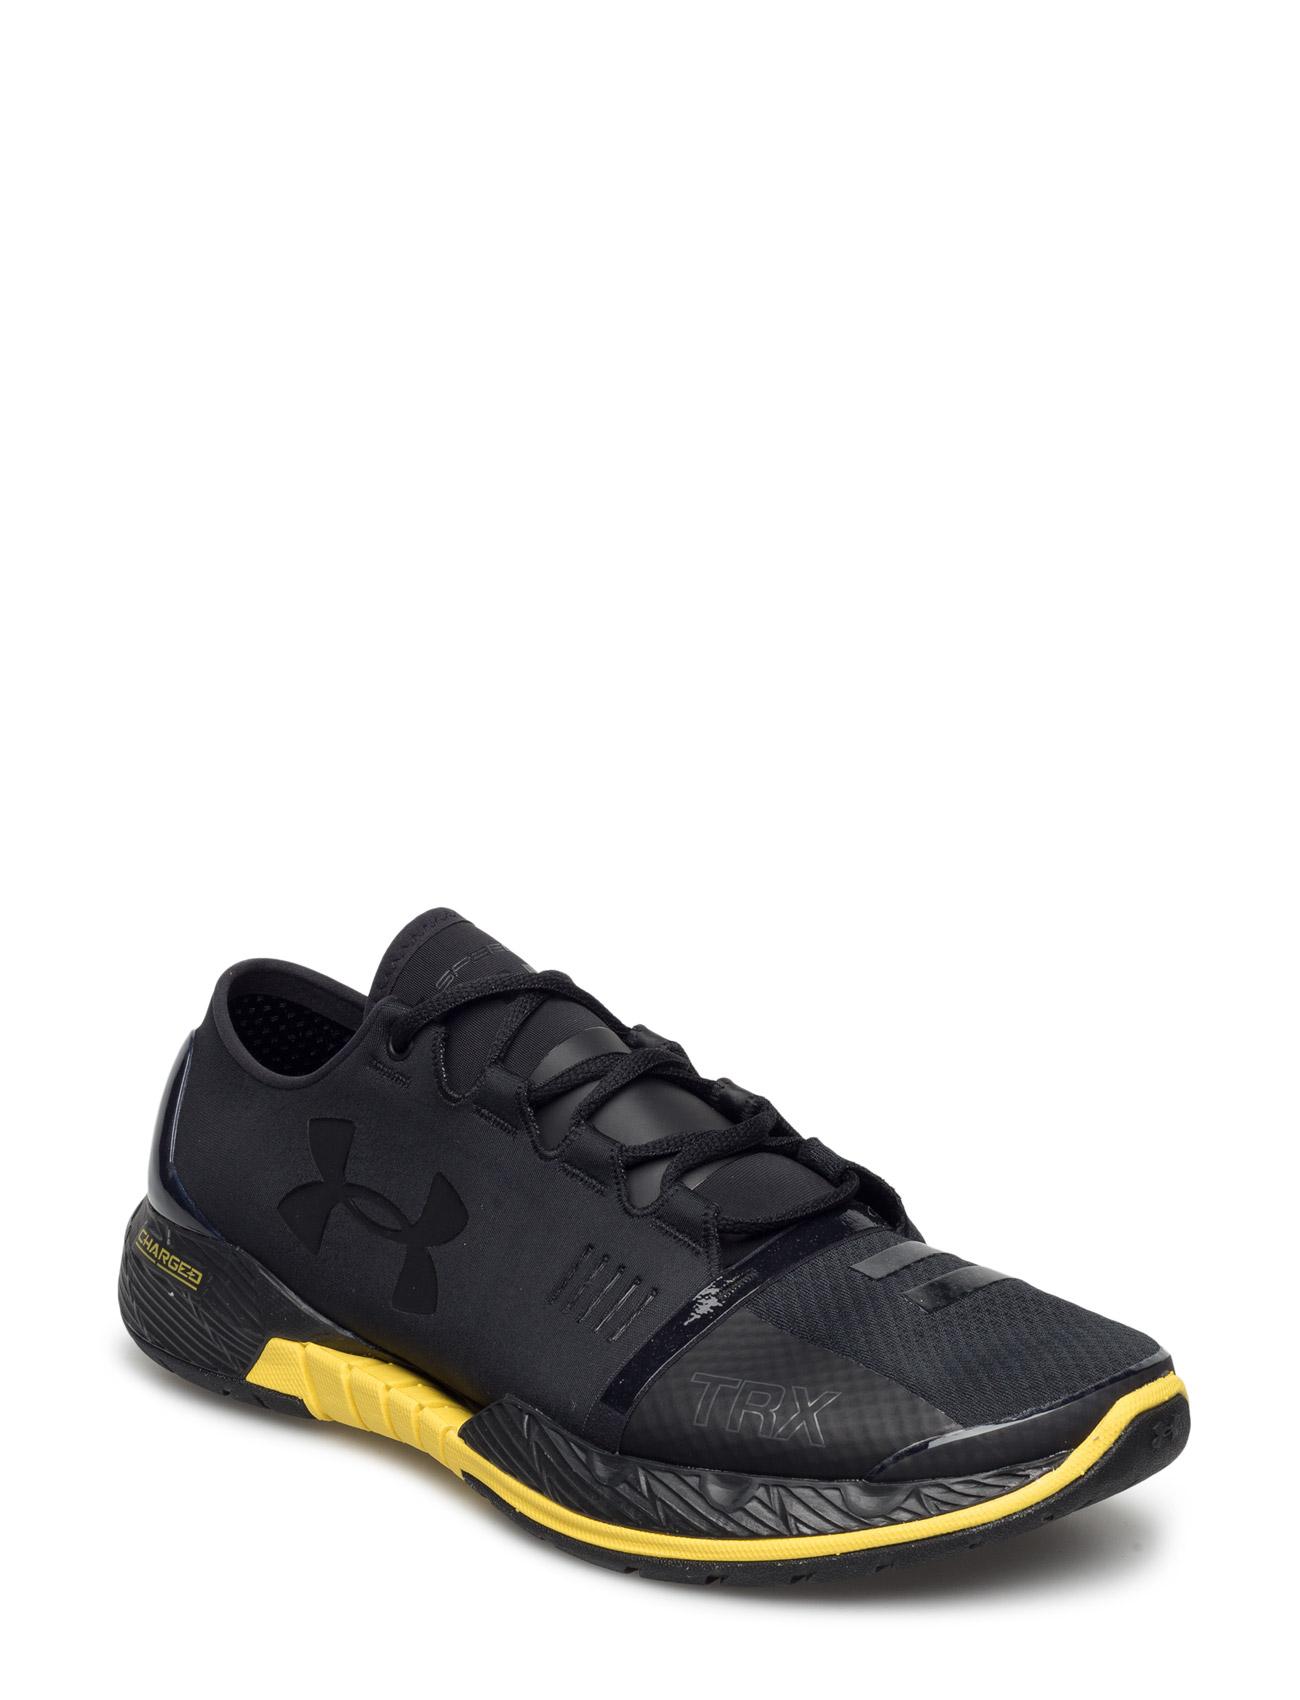 Ua Speedform Amp Se Under Armour Sports sko til Mænd i Sort